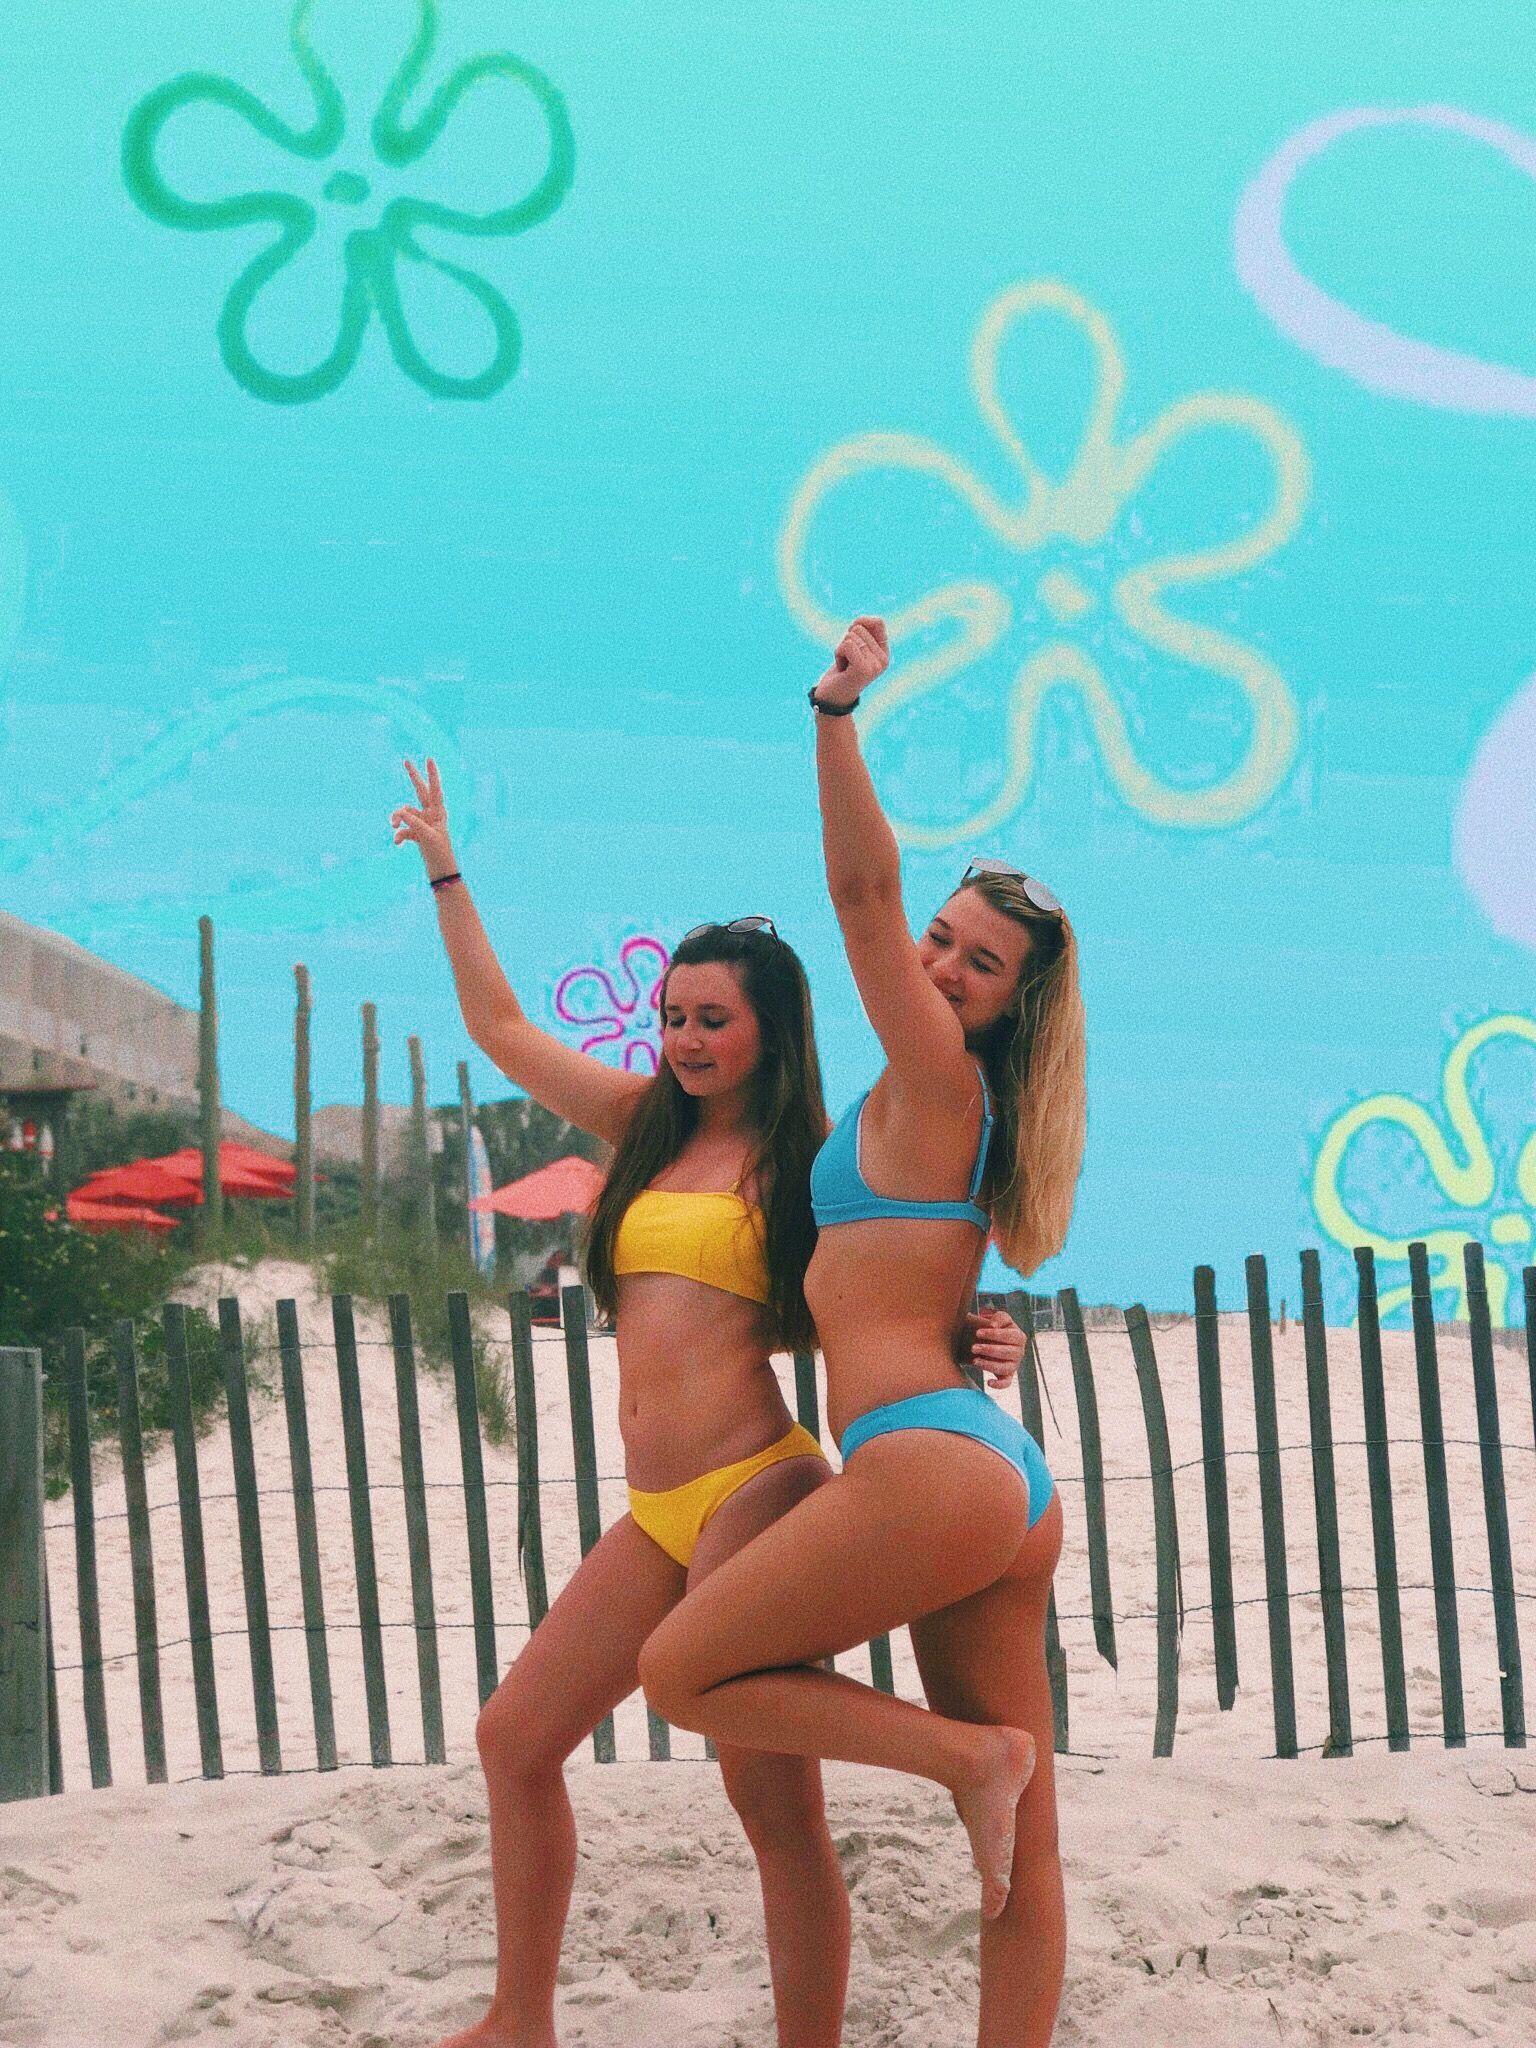 bff pic / vsco / edit / beach edit / bikini bottom / best friends / beach picture with friends / spo...